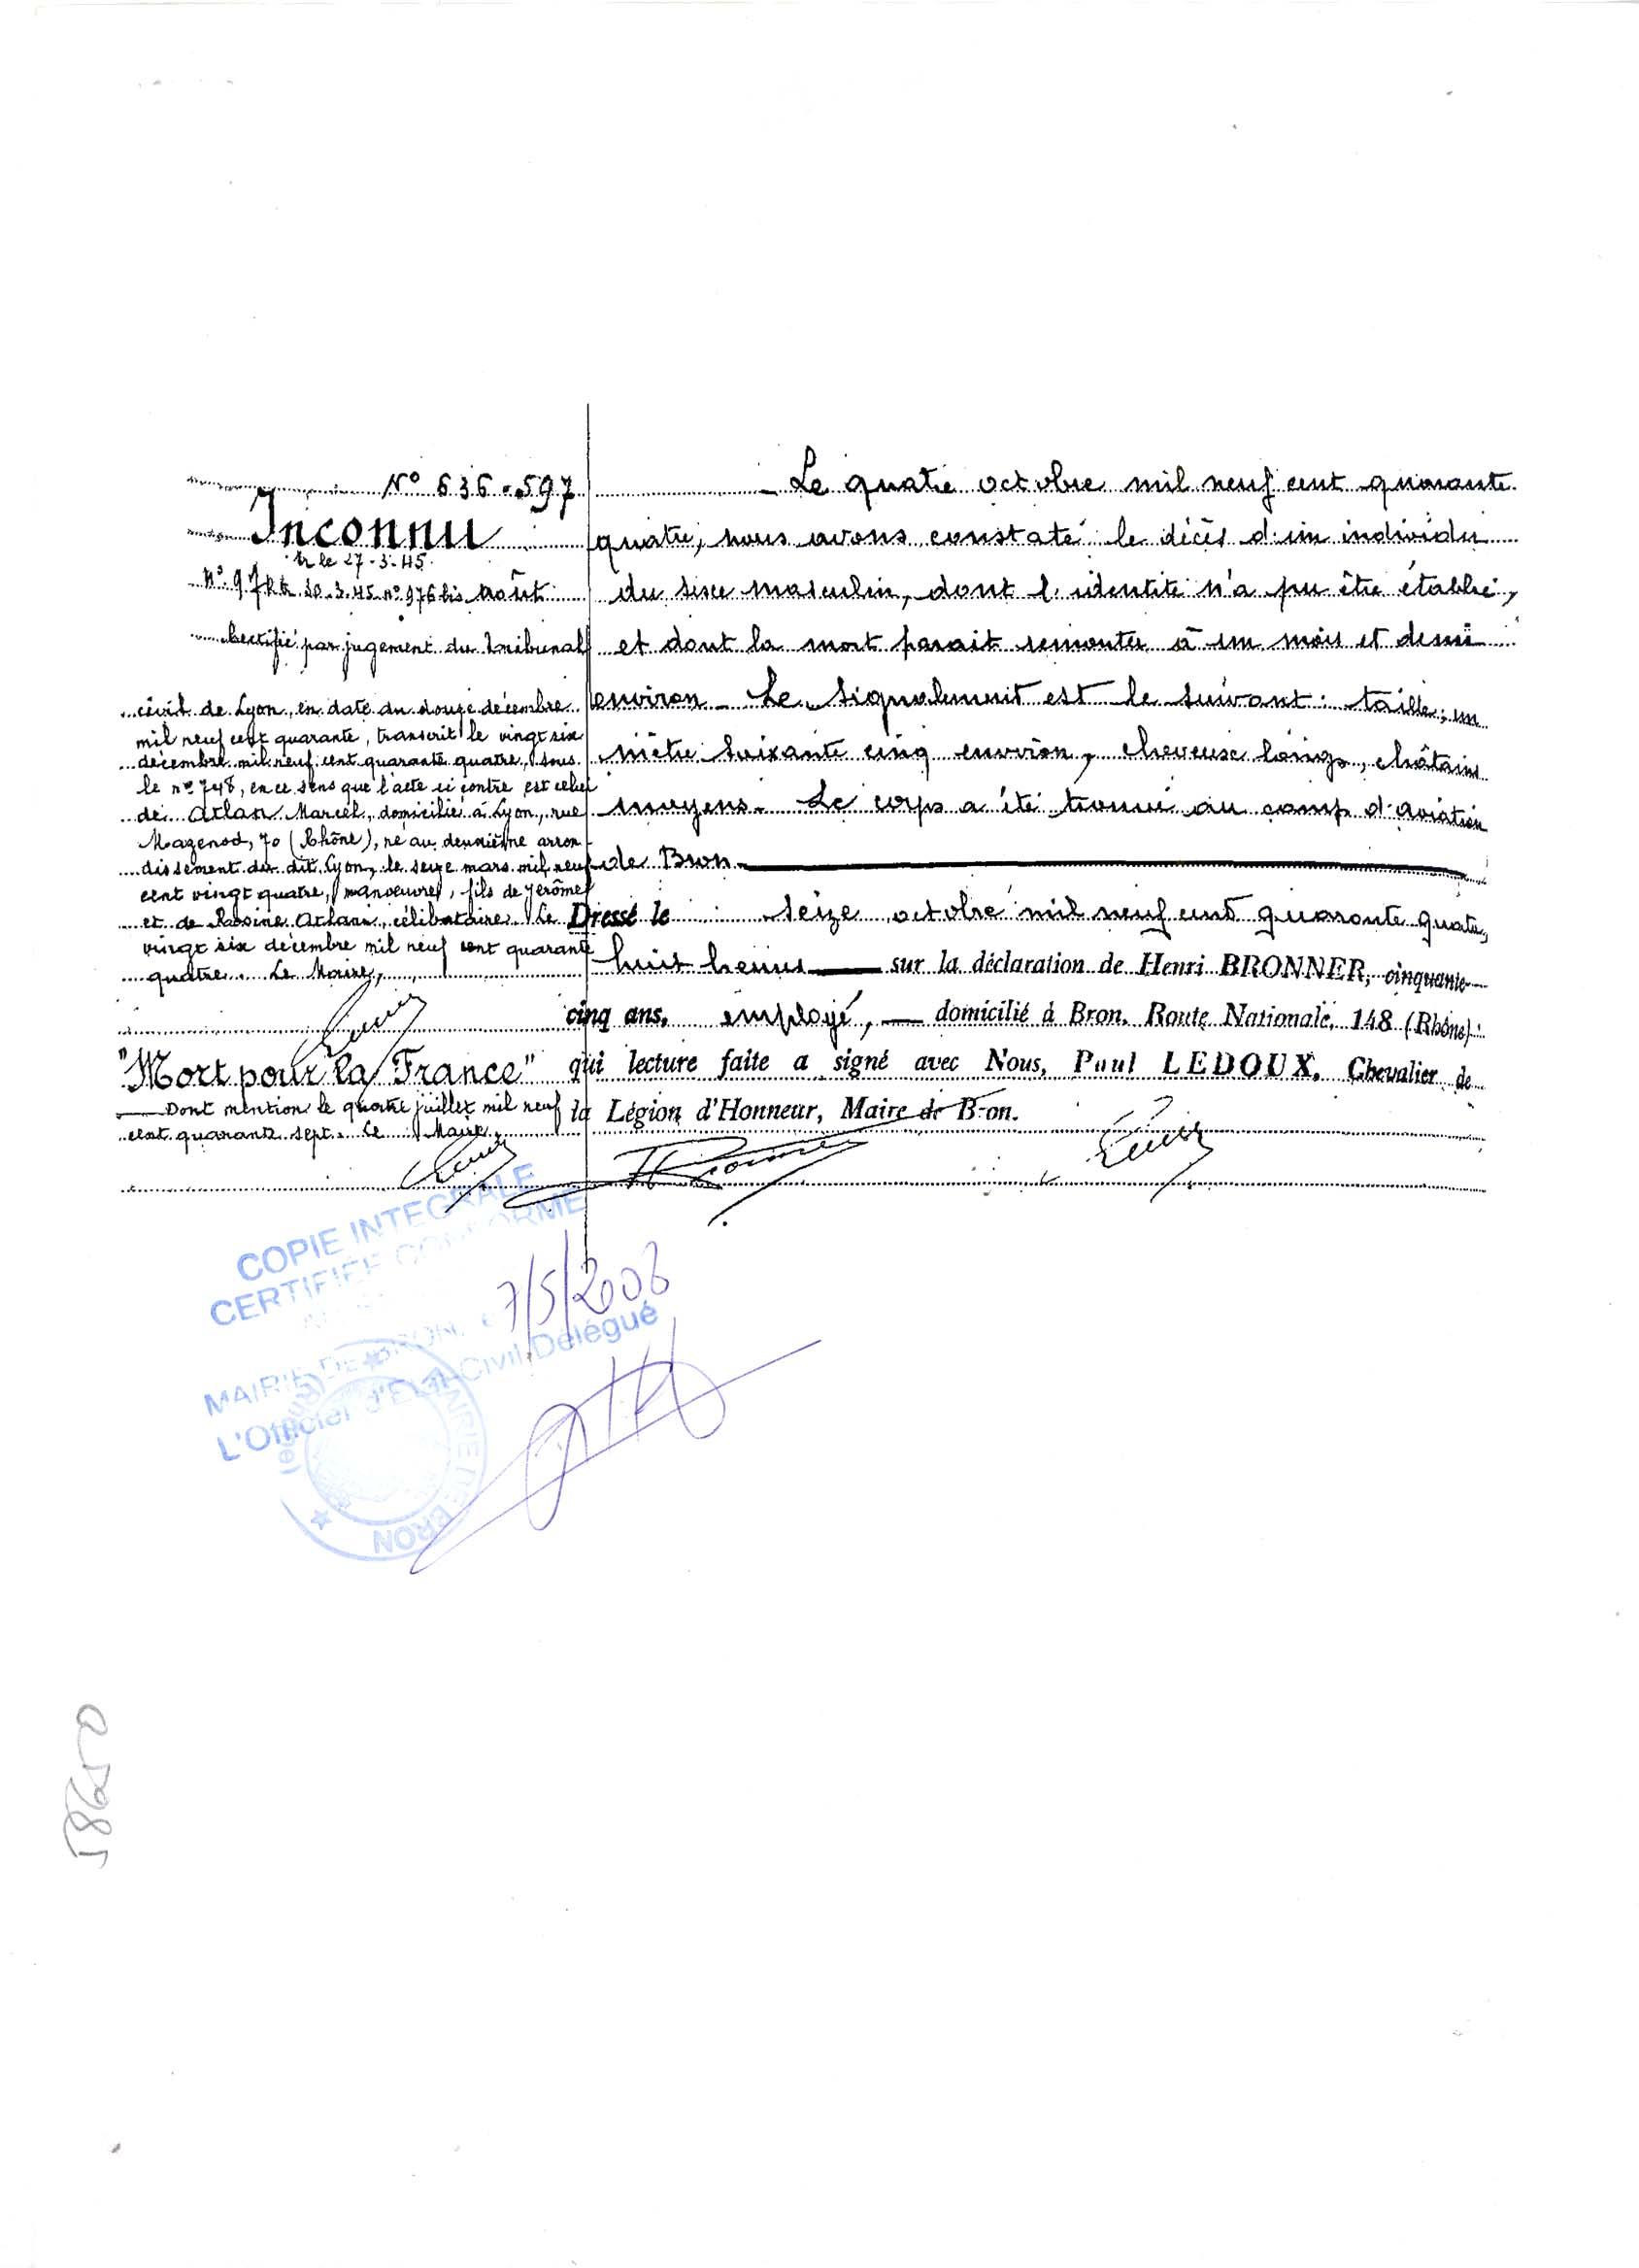 Déclaration du maire de Bron corps de Marcel Atlan fusillé à Bron